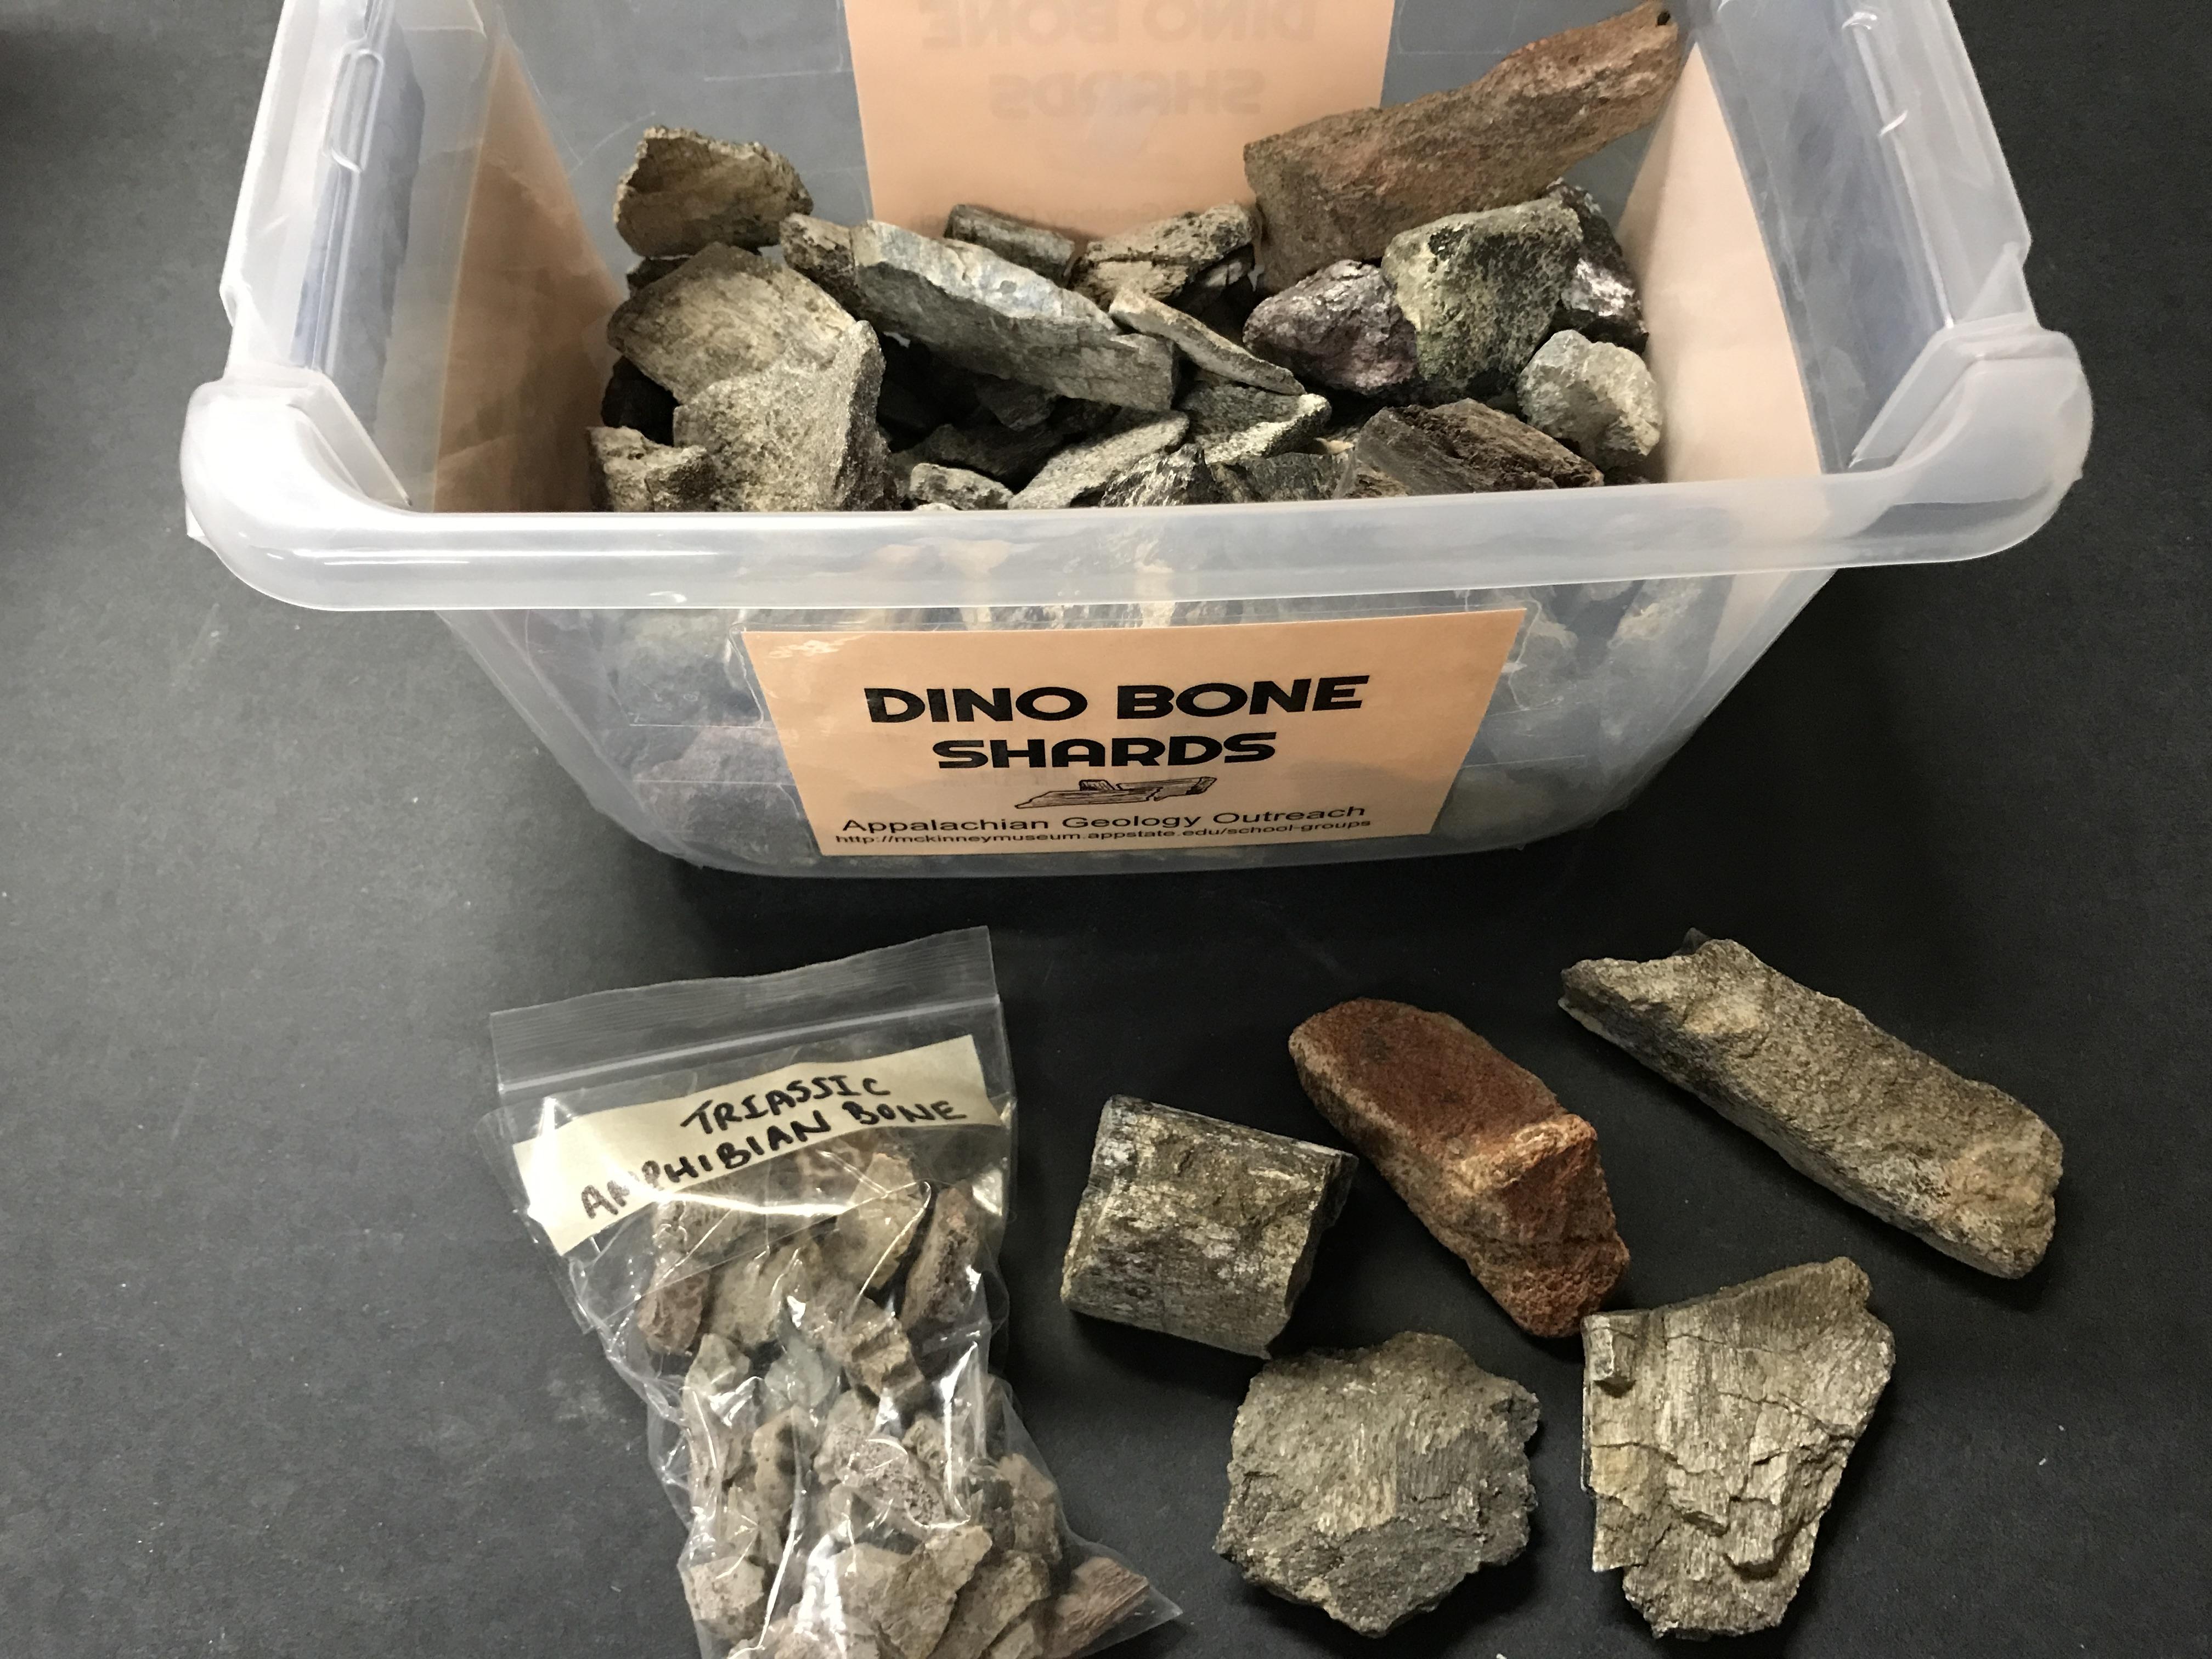 Dinosaur Bone Shards